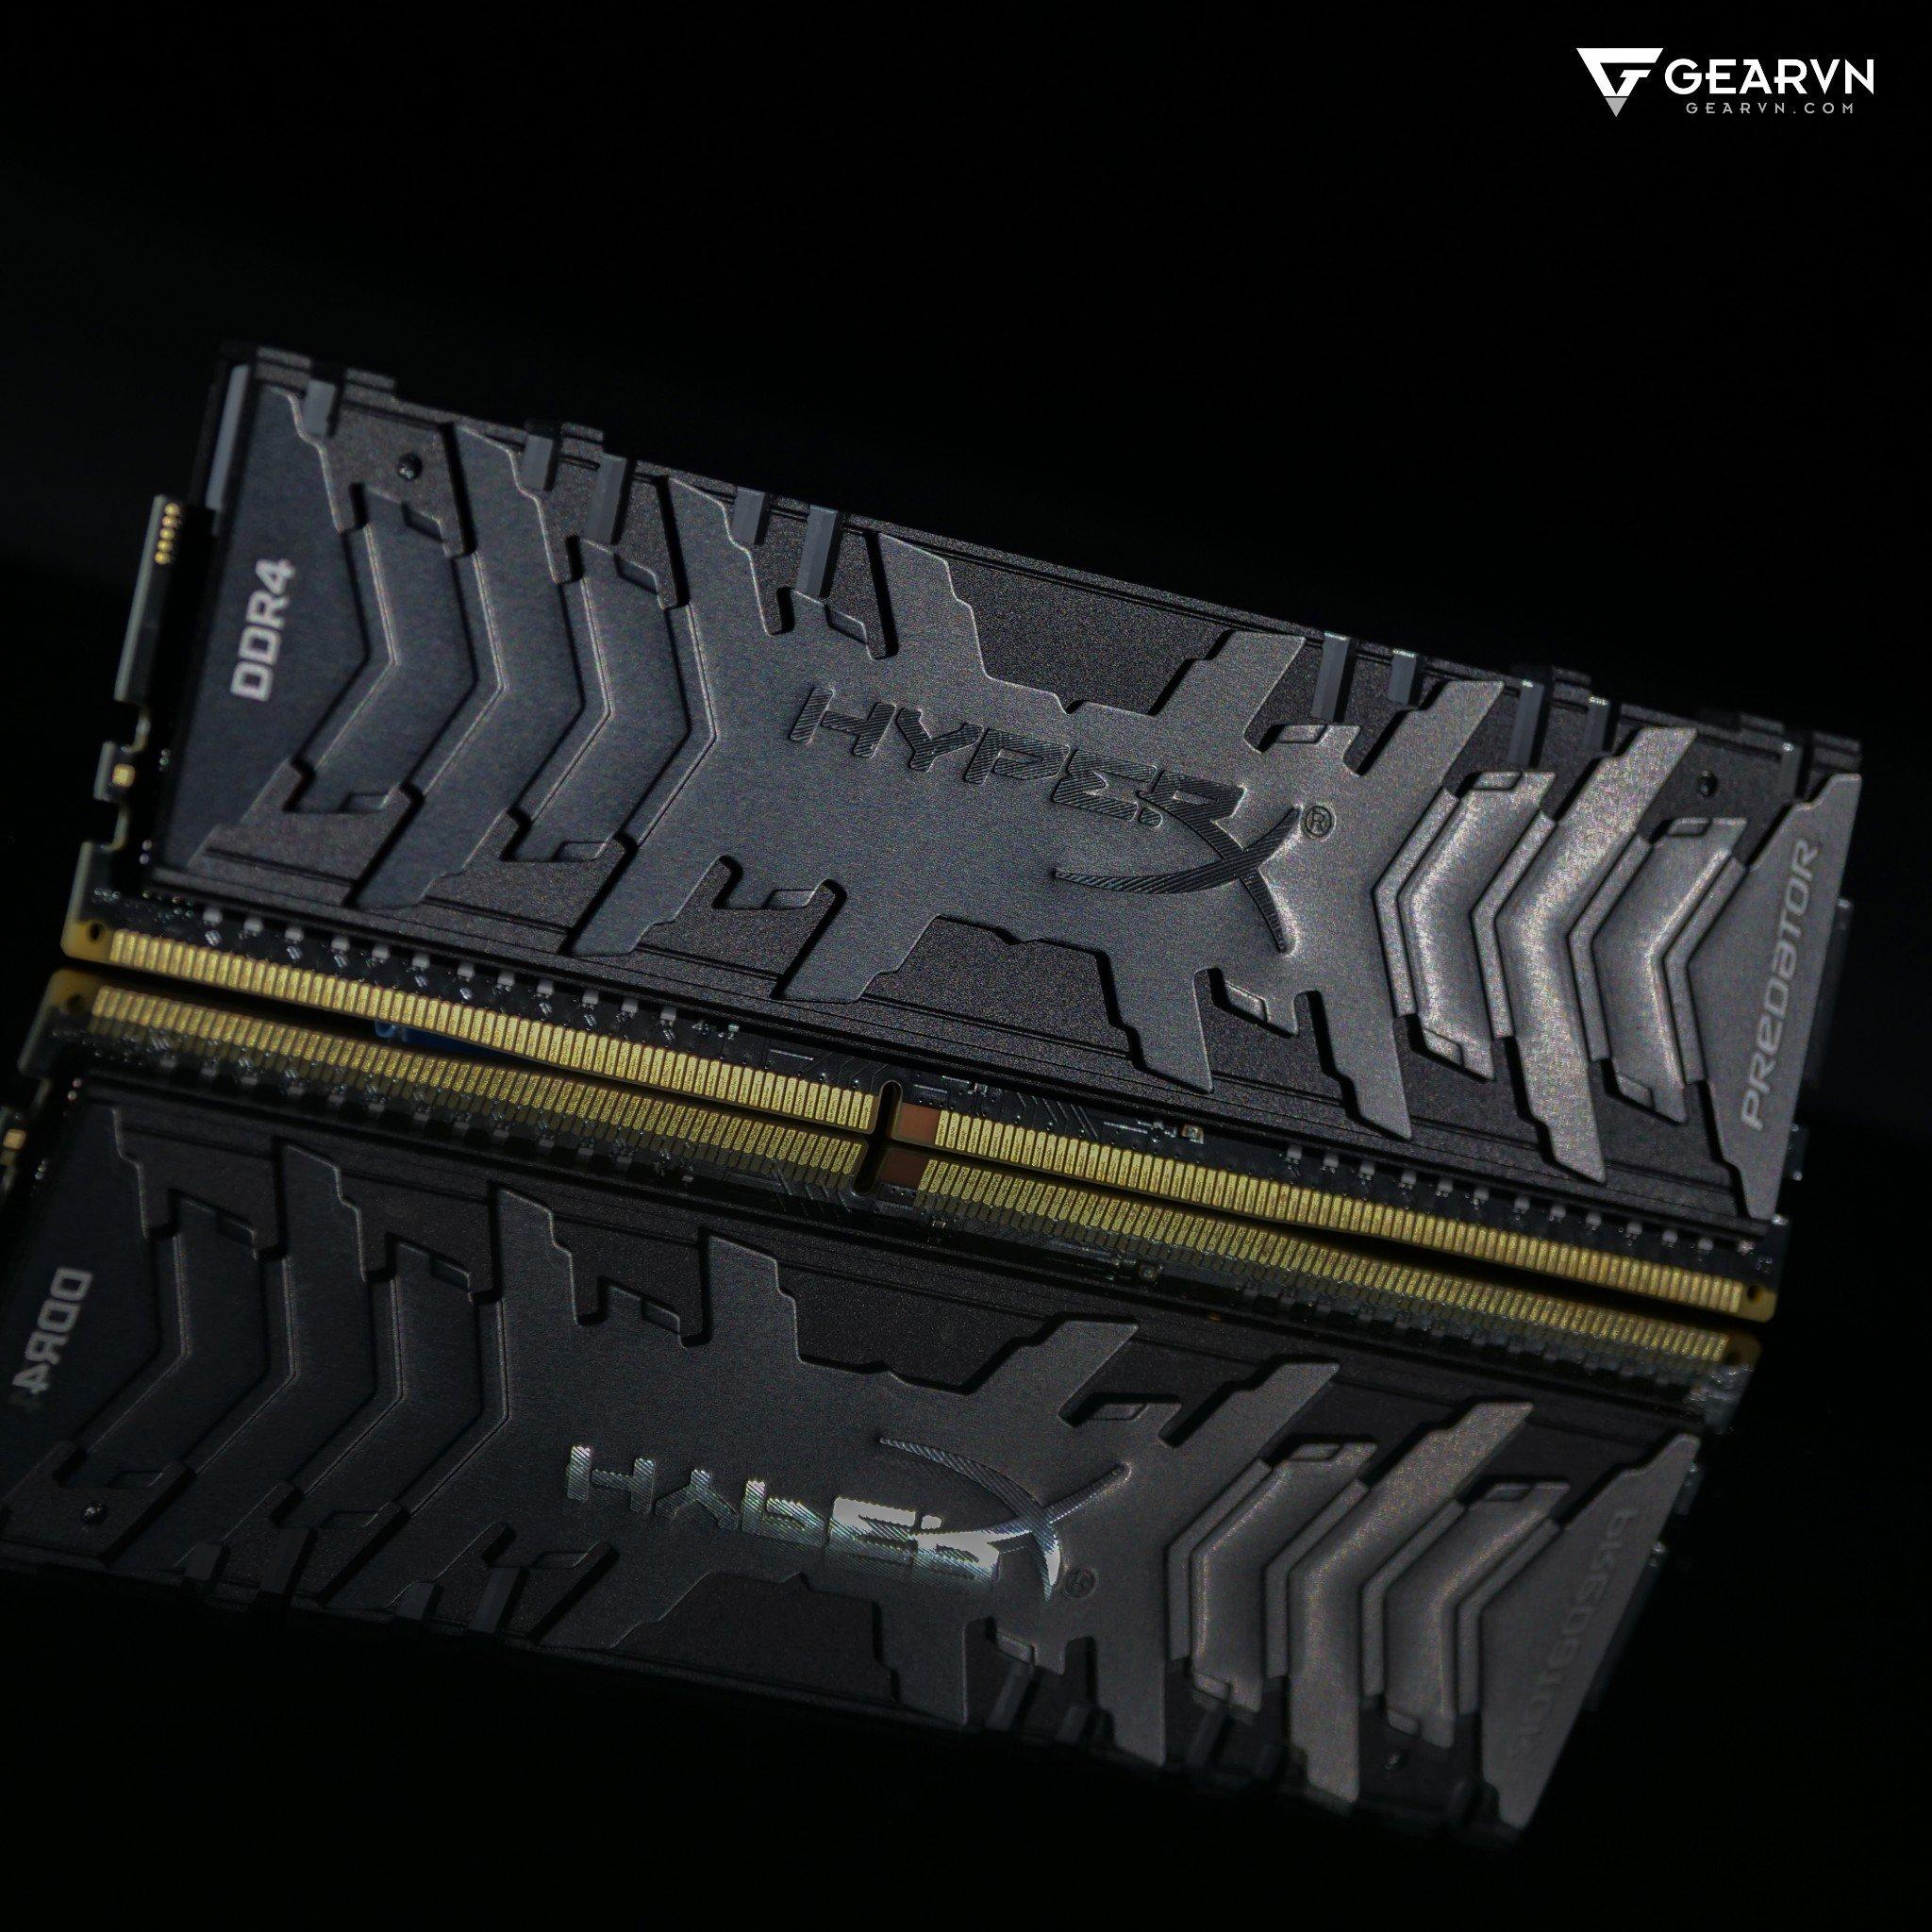 (8GB DDR4 1x8G 3200) HyperX Predator RGB